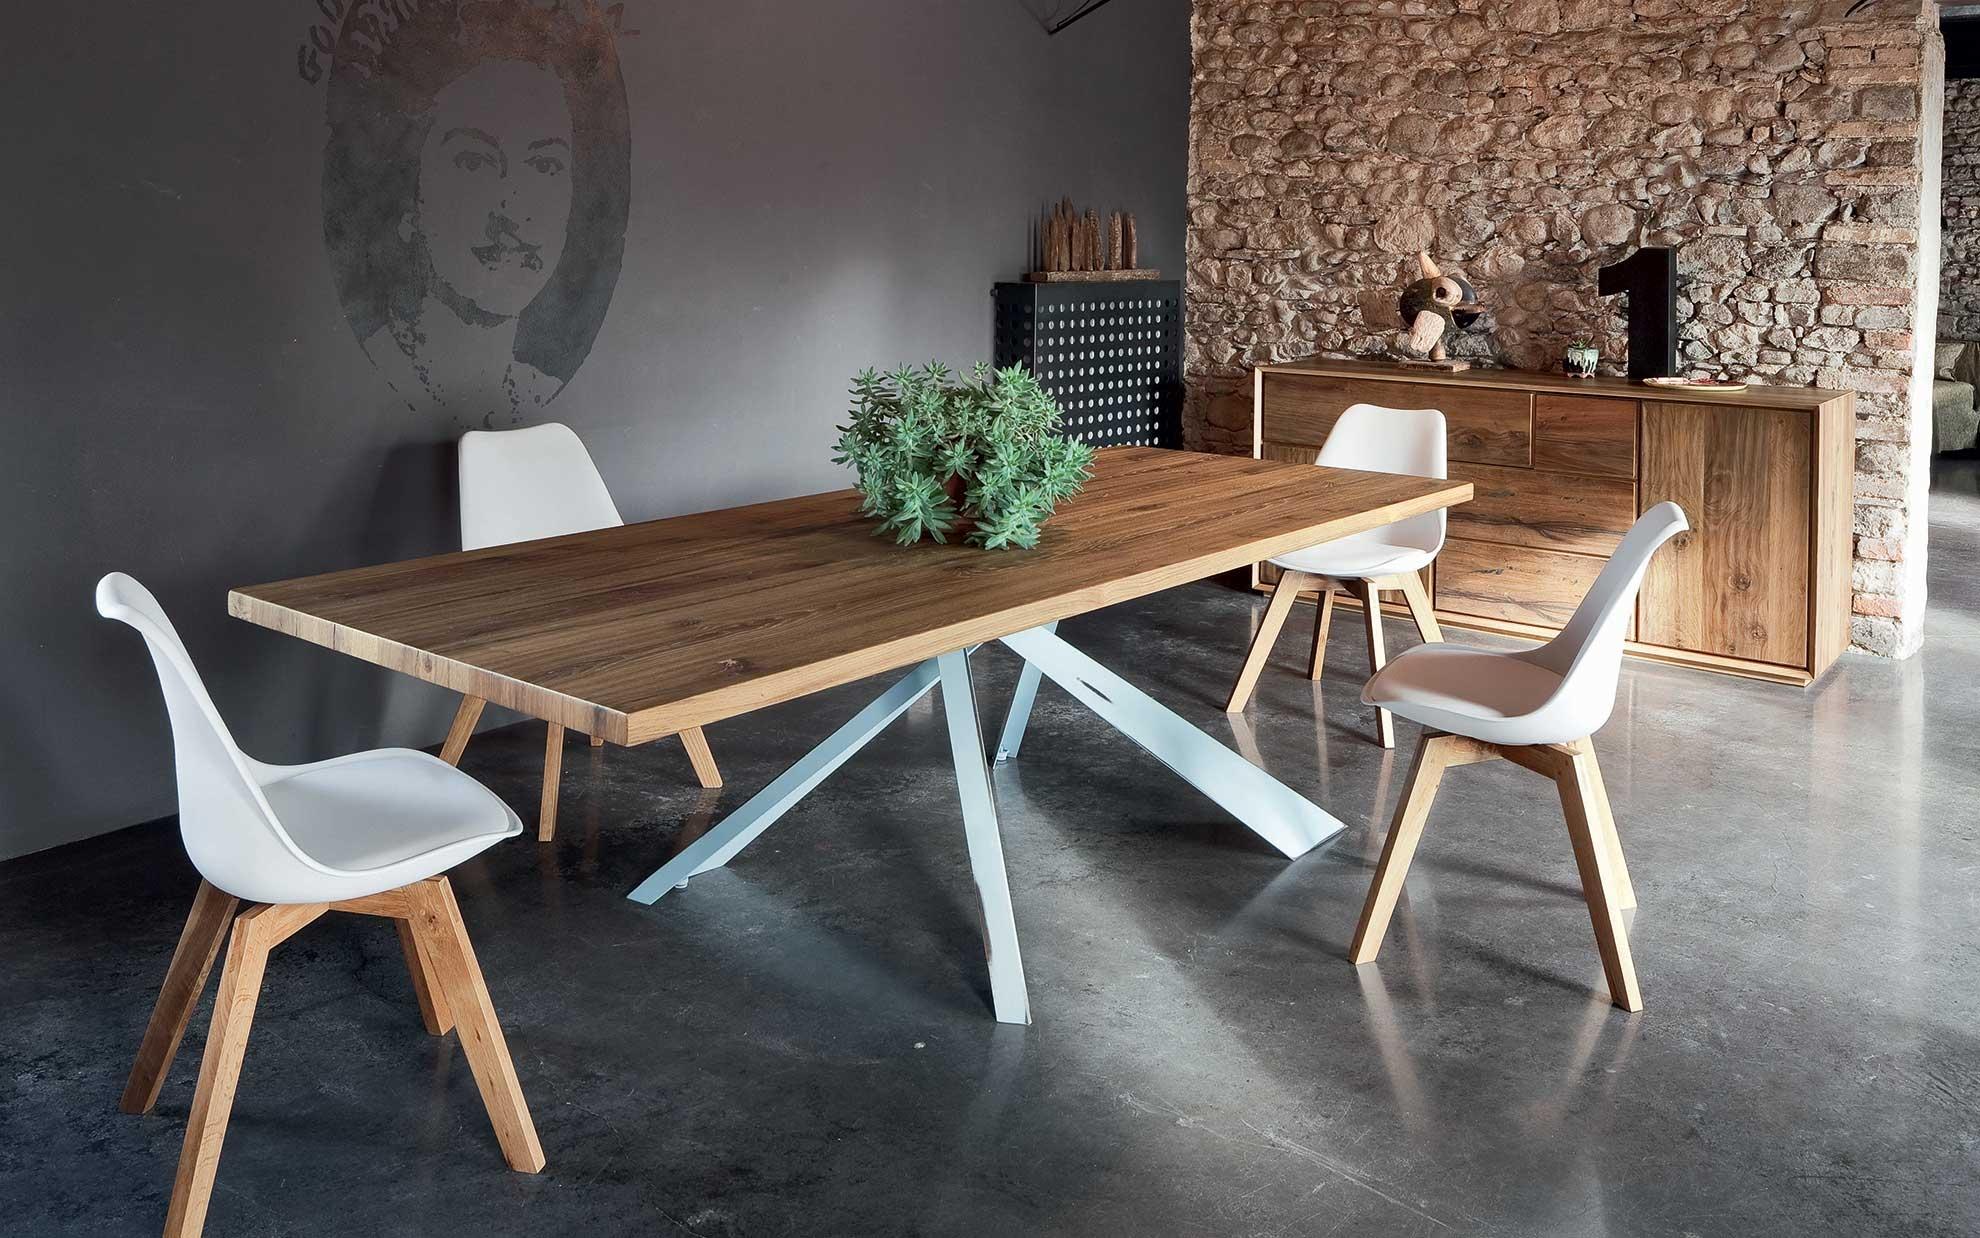 Tavolo alta corte modello parigi tavoli a prezzi scontati for Tavoli in legno con gambe in ferro